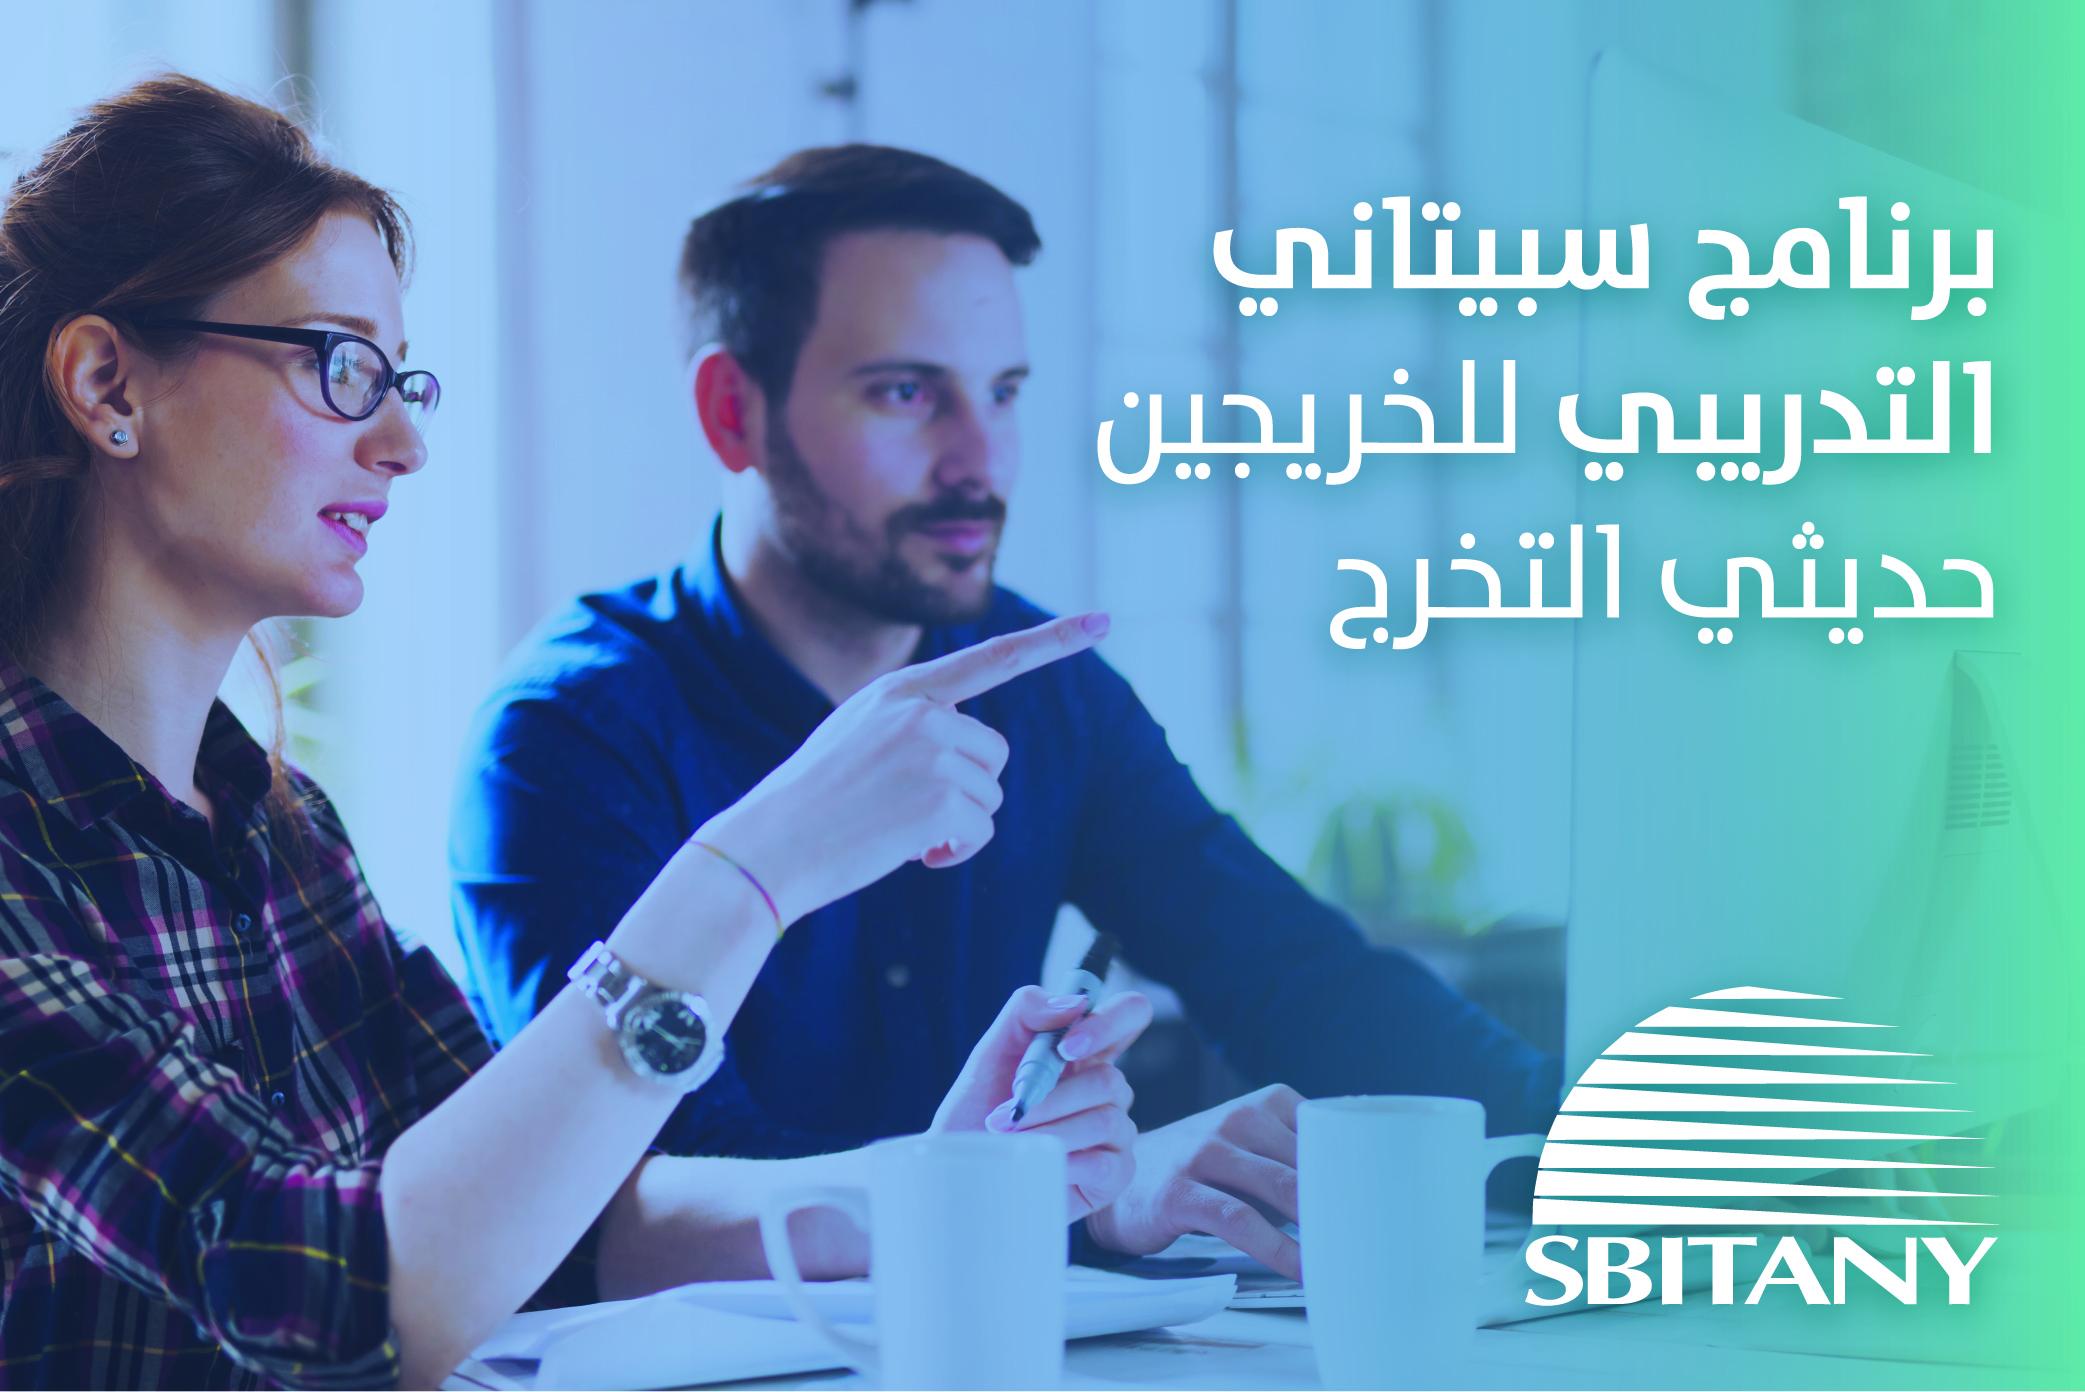 """شركة سبيتاني"""" تطلق برنامج  تدريبي لخريجي الجامعات"""